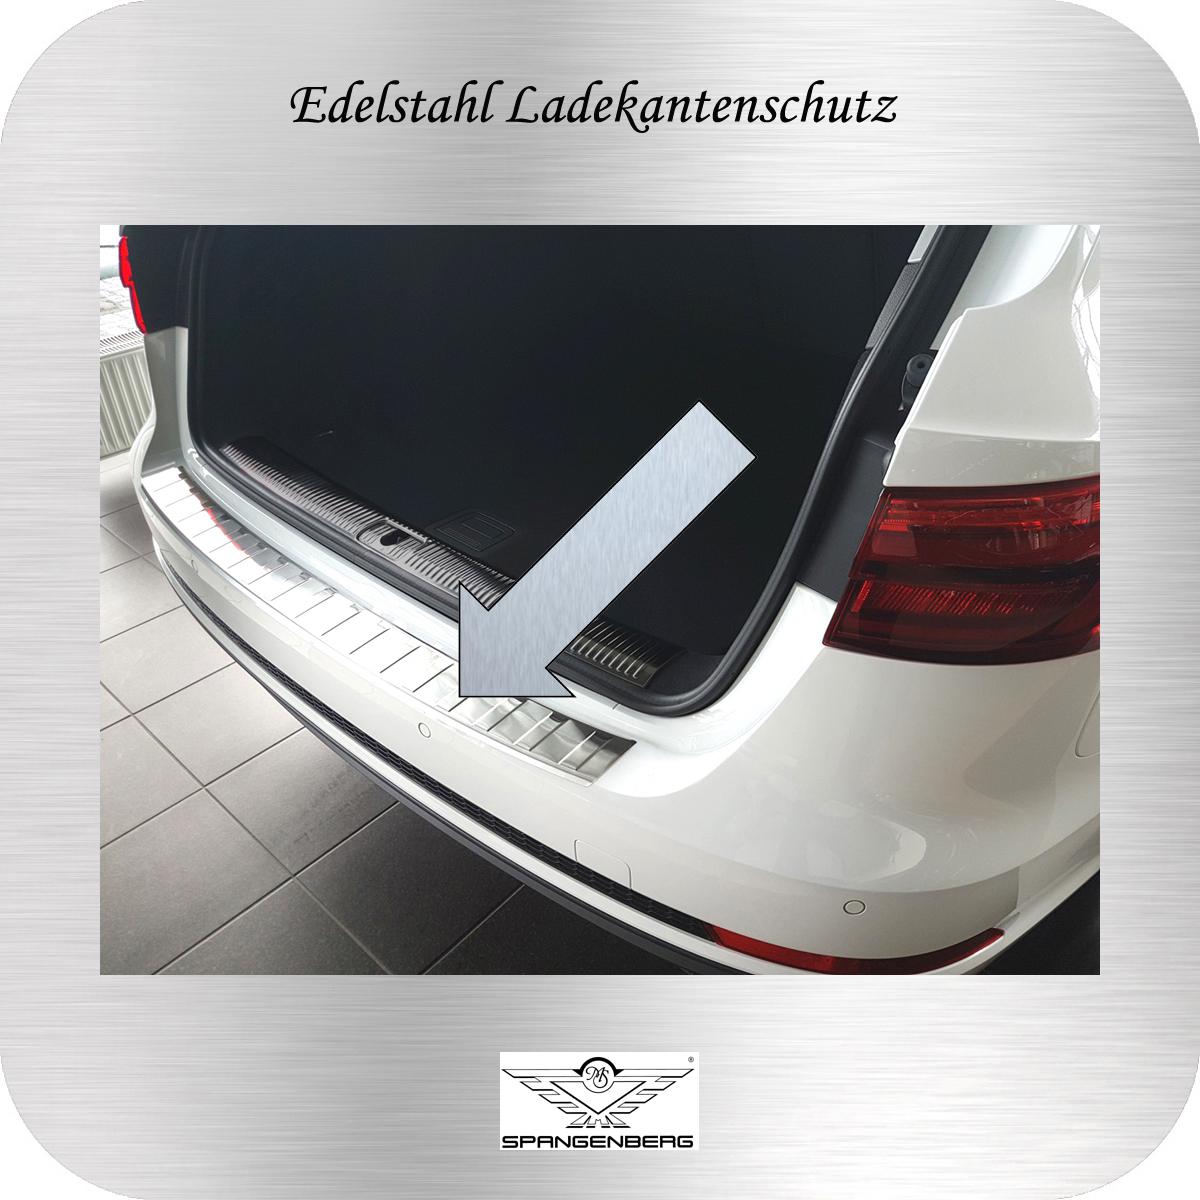 Ladekantenschutz Edelstahl Audi A4 Avant 8W5 B9 Kombi ab 2015- 3235509